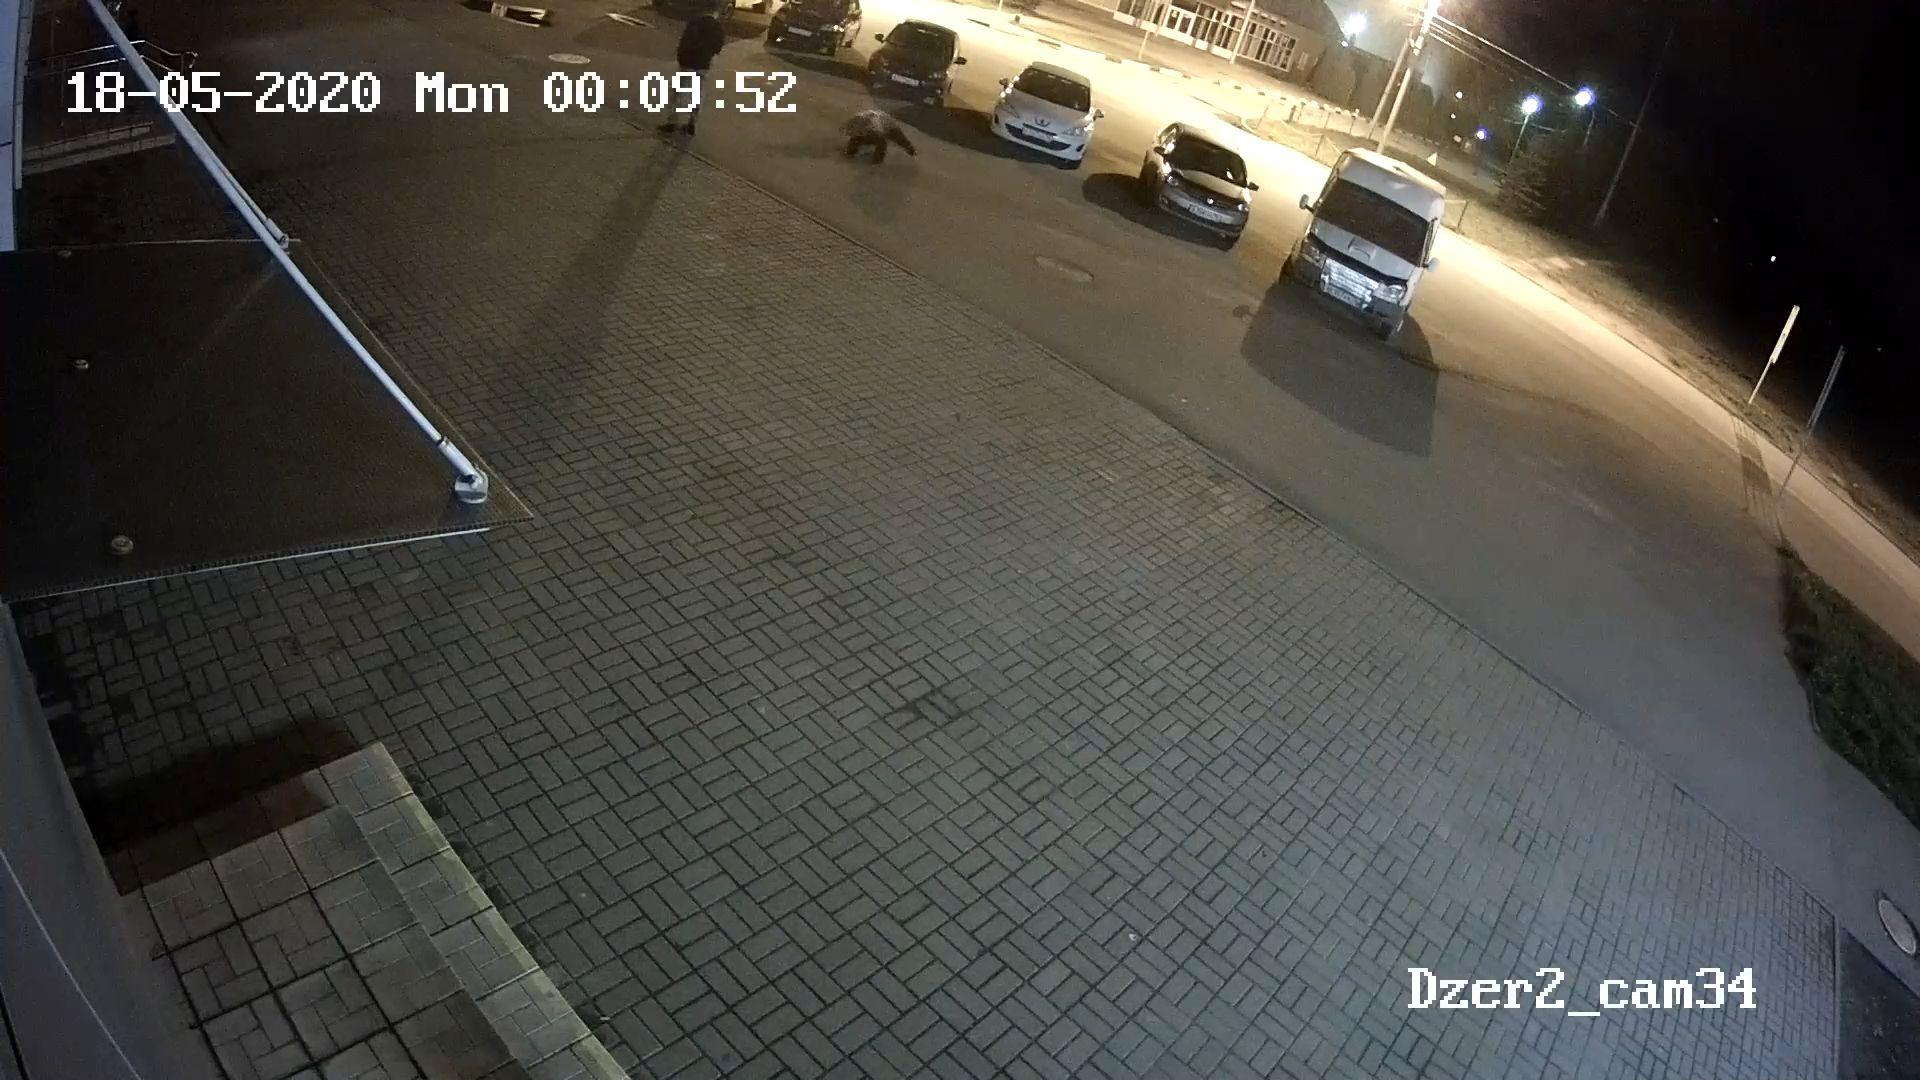 Появилось видео нападения медведя на человека в Ярославле